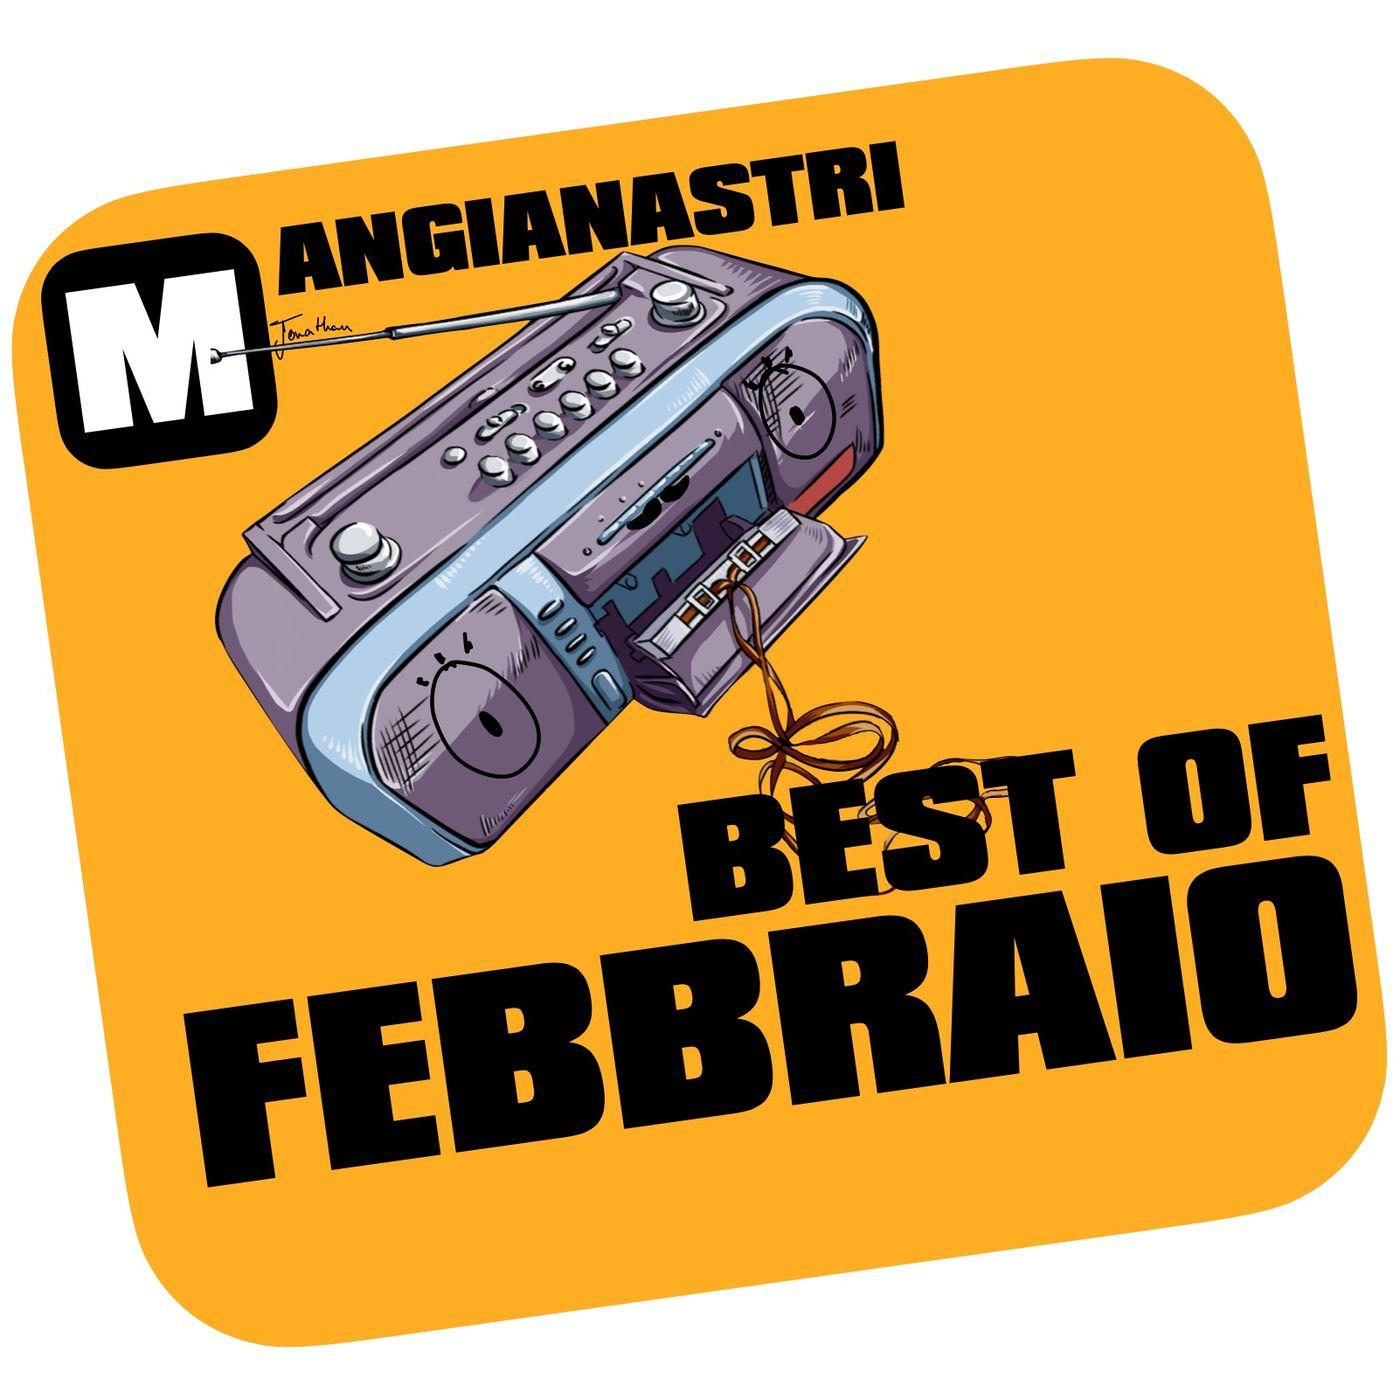 Best of Febbraio   TOP 3 dei miei brani preferiti del mese scorso